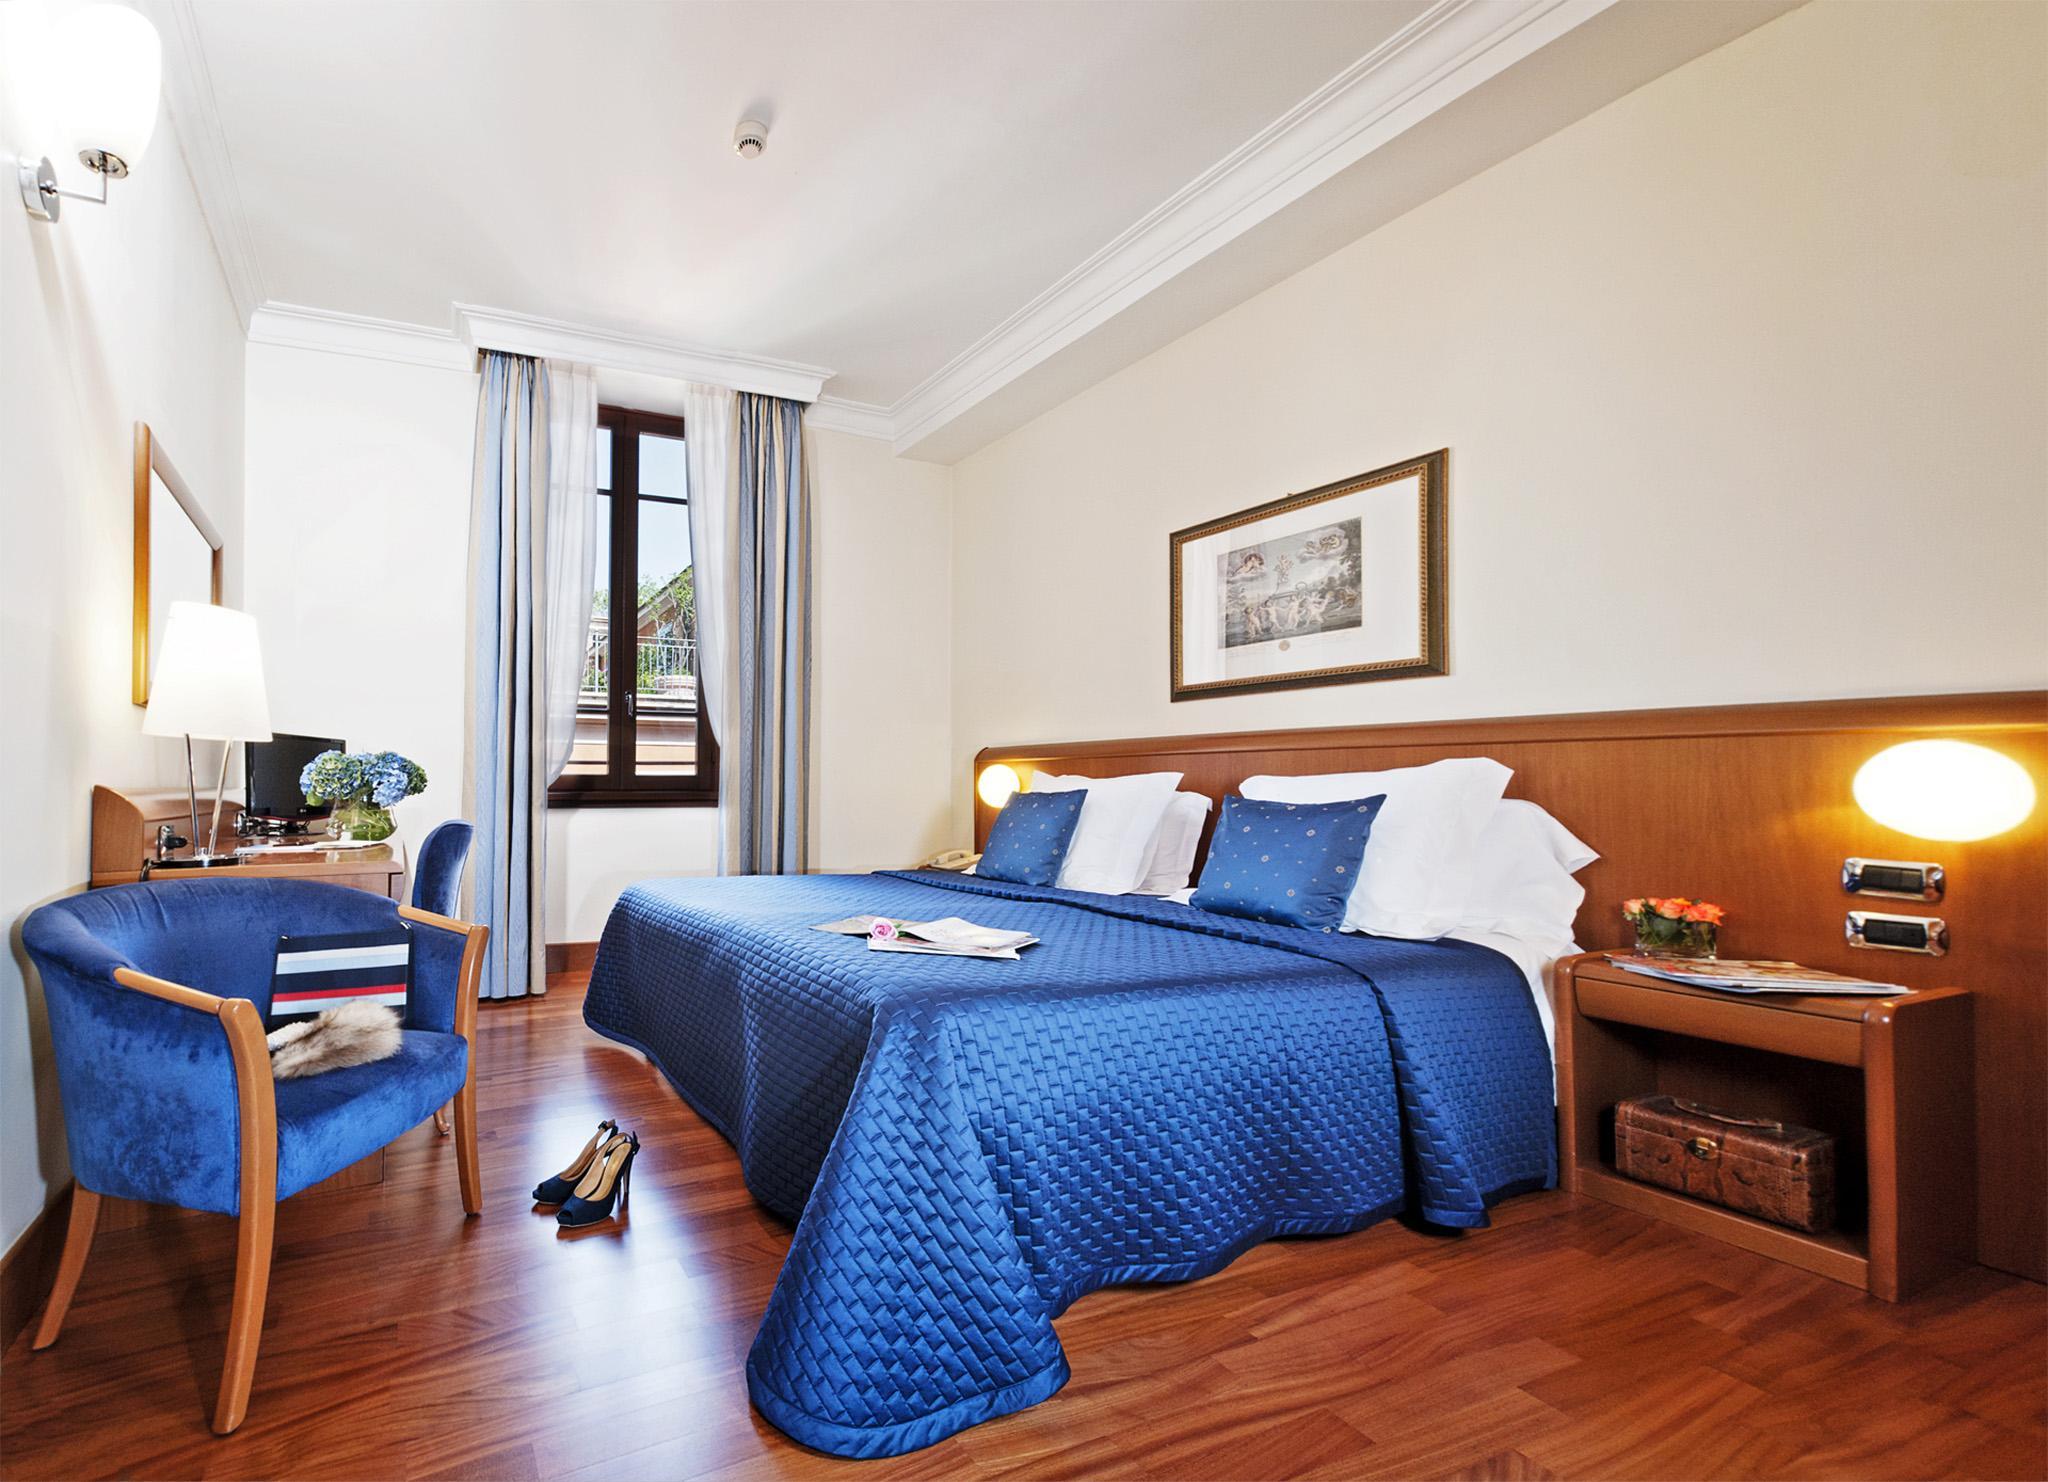 Photos hotel ponte sisto roma